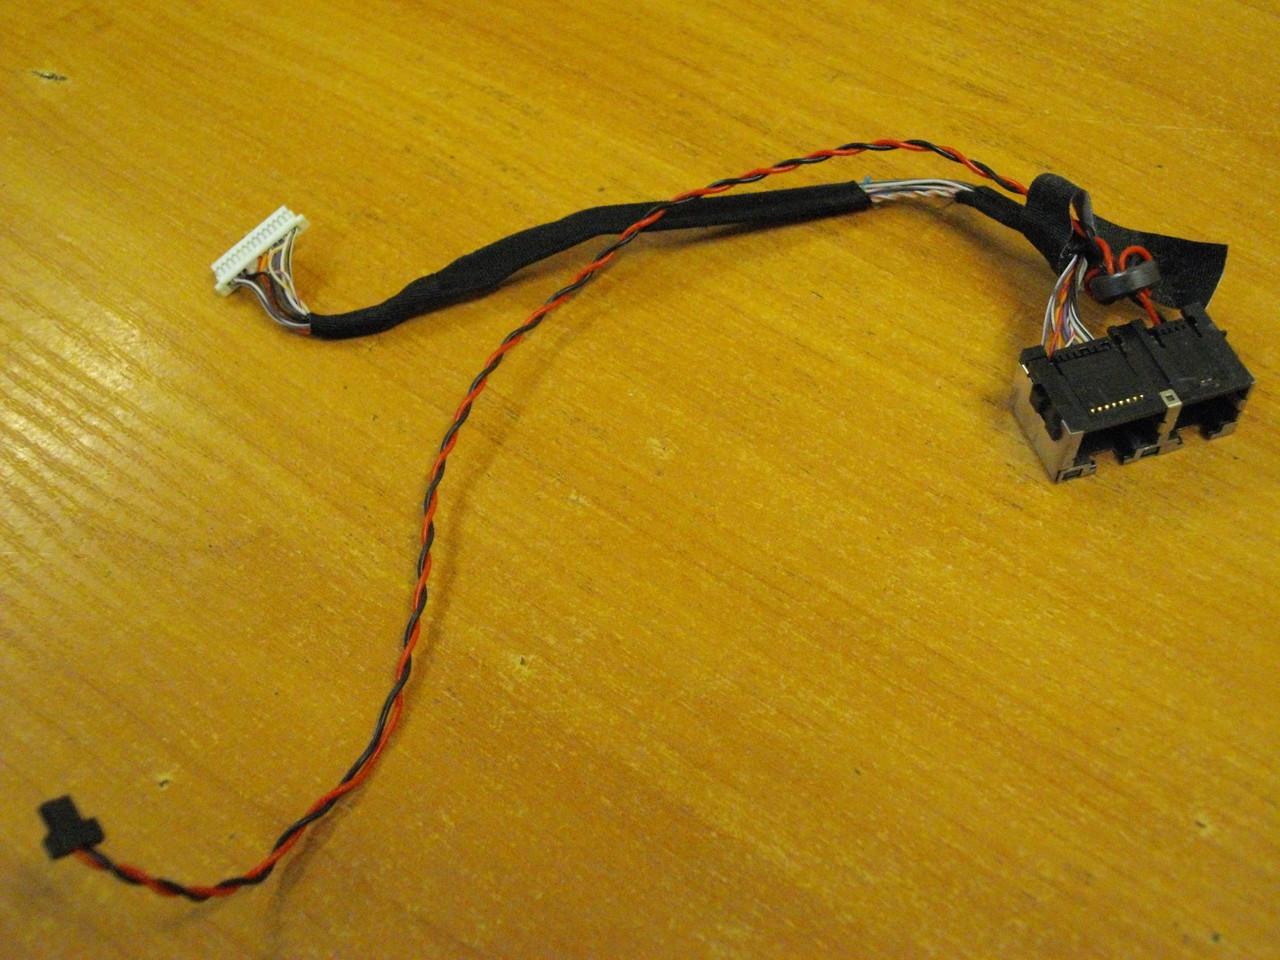 Гнездо разъем сеть интернета с шлейфом Toshiba SPM30 PSM35E M30 M35 PSM35E-000MN-RU бу